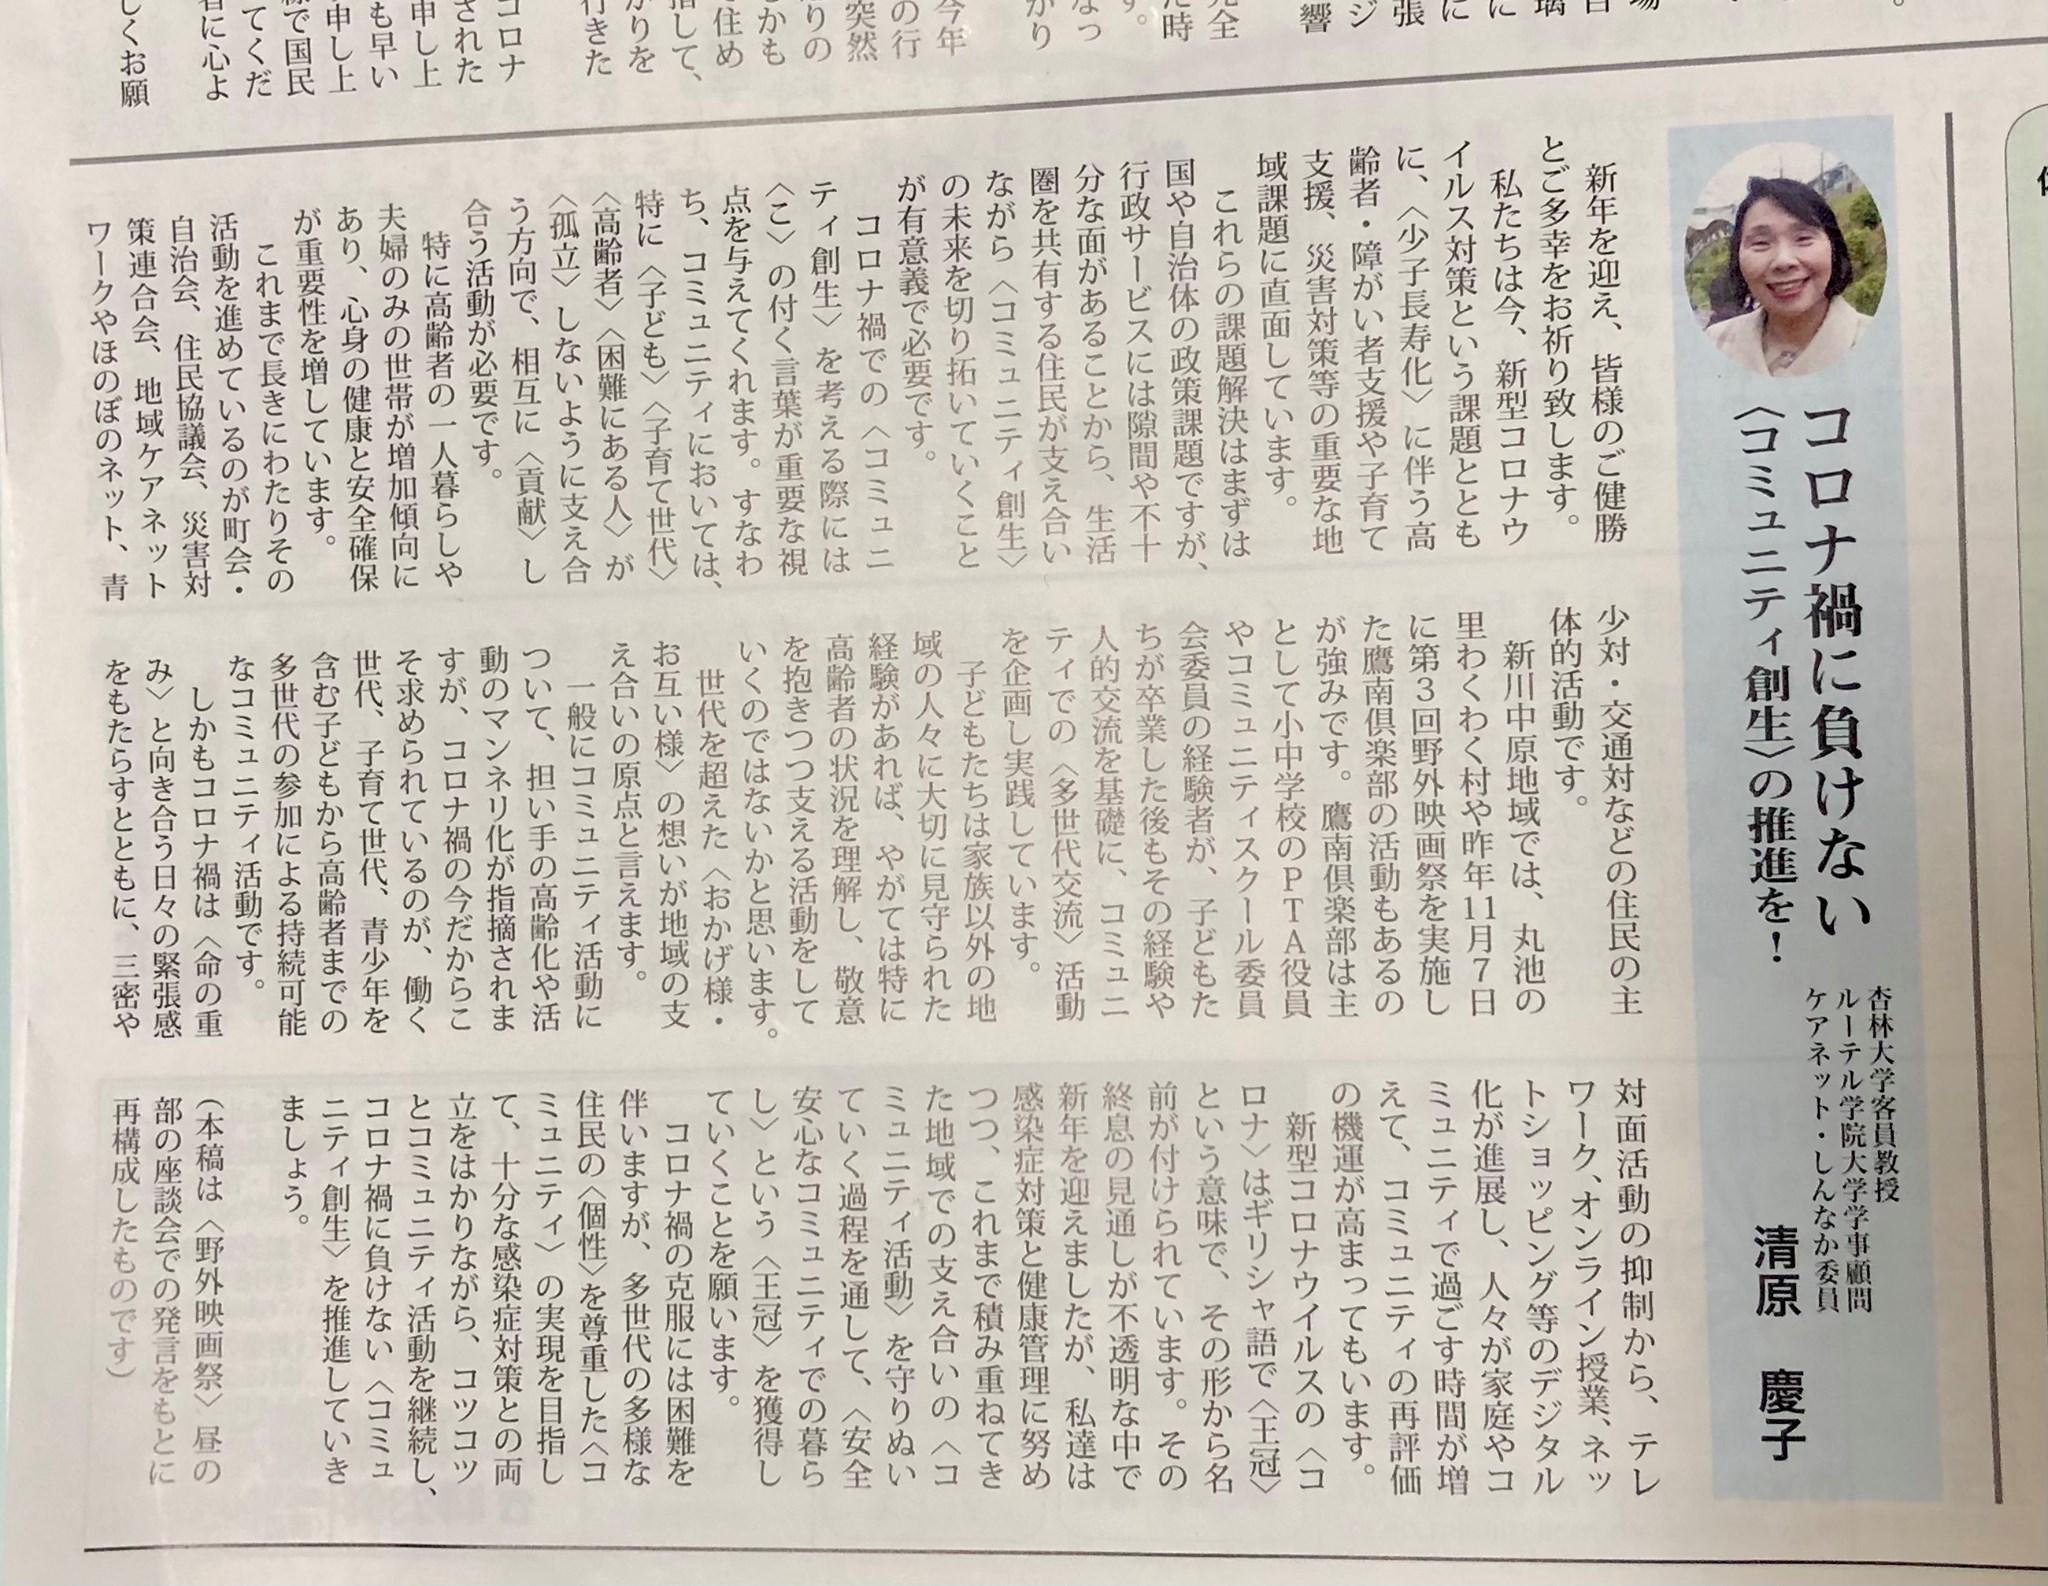 新川中原住民協議会広報紙『ふれあい』に寄稿しました。